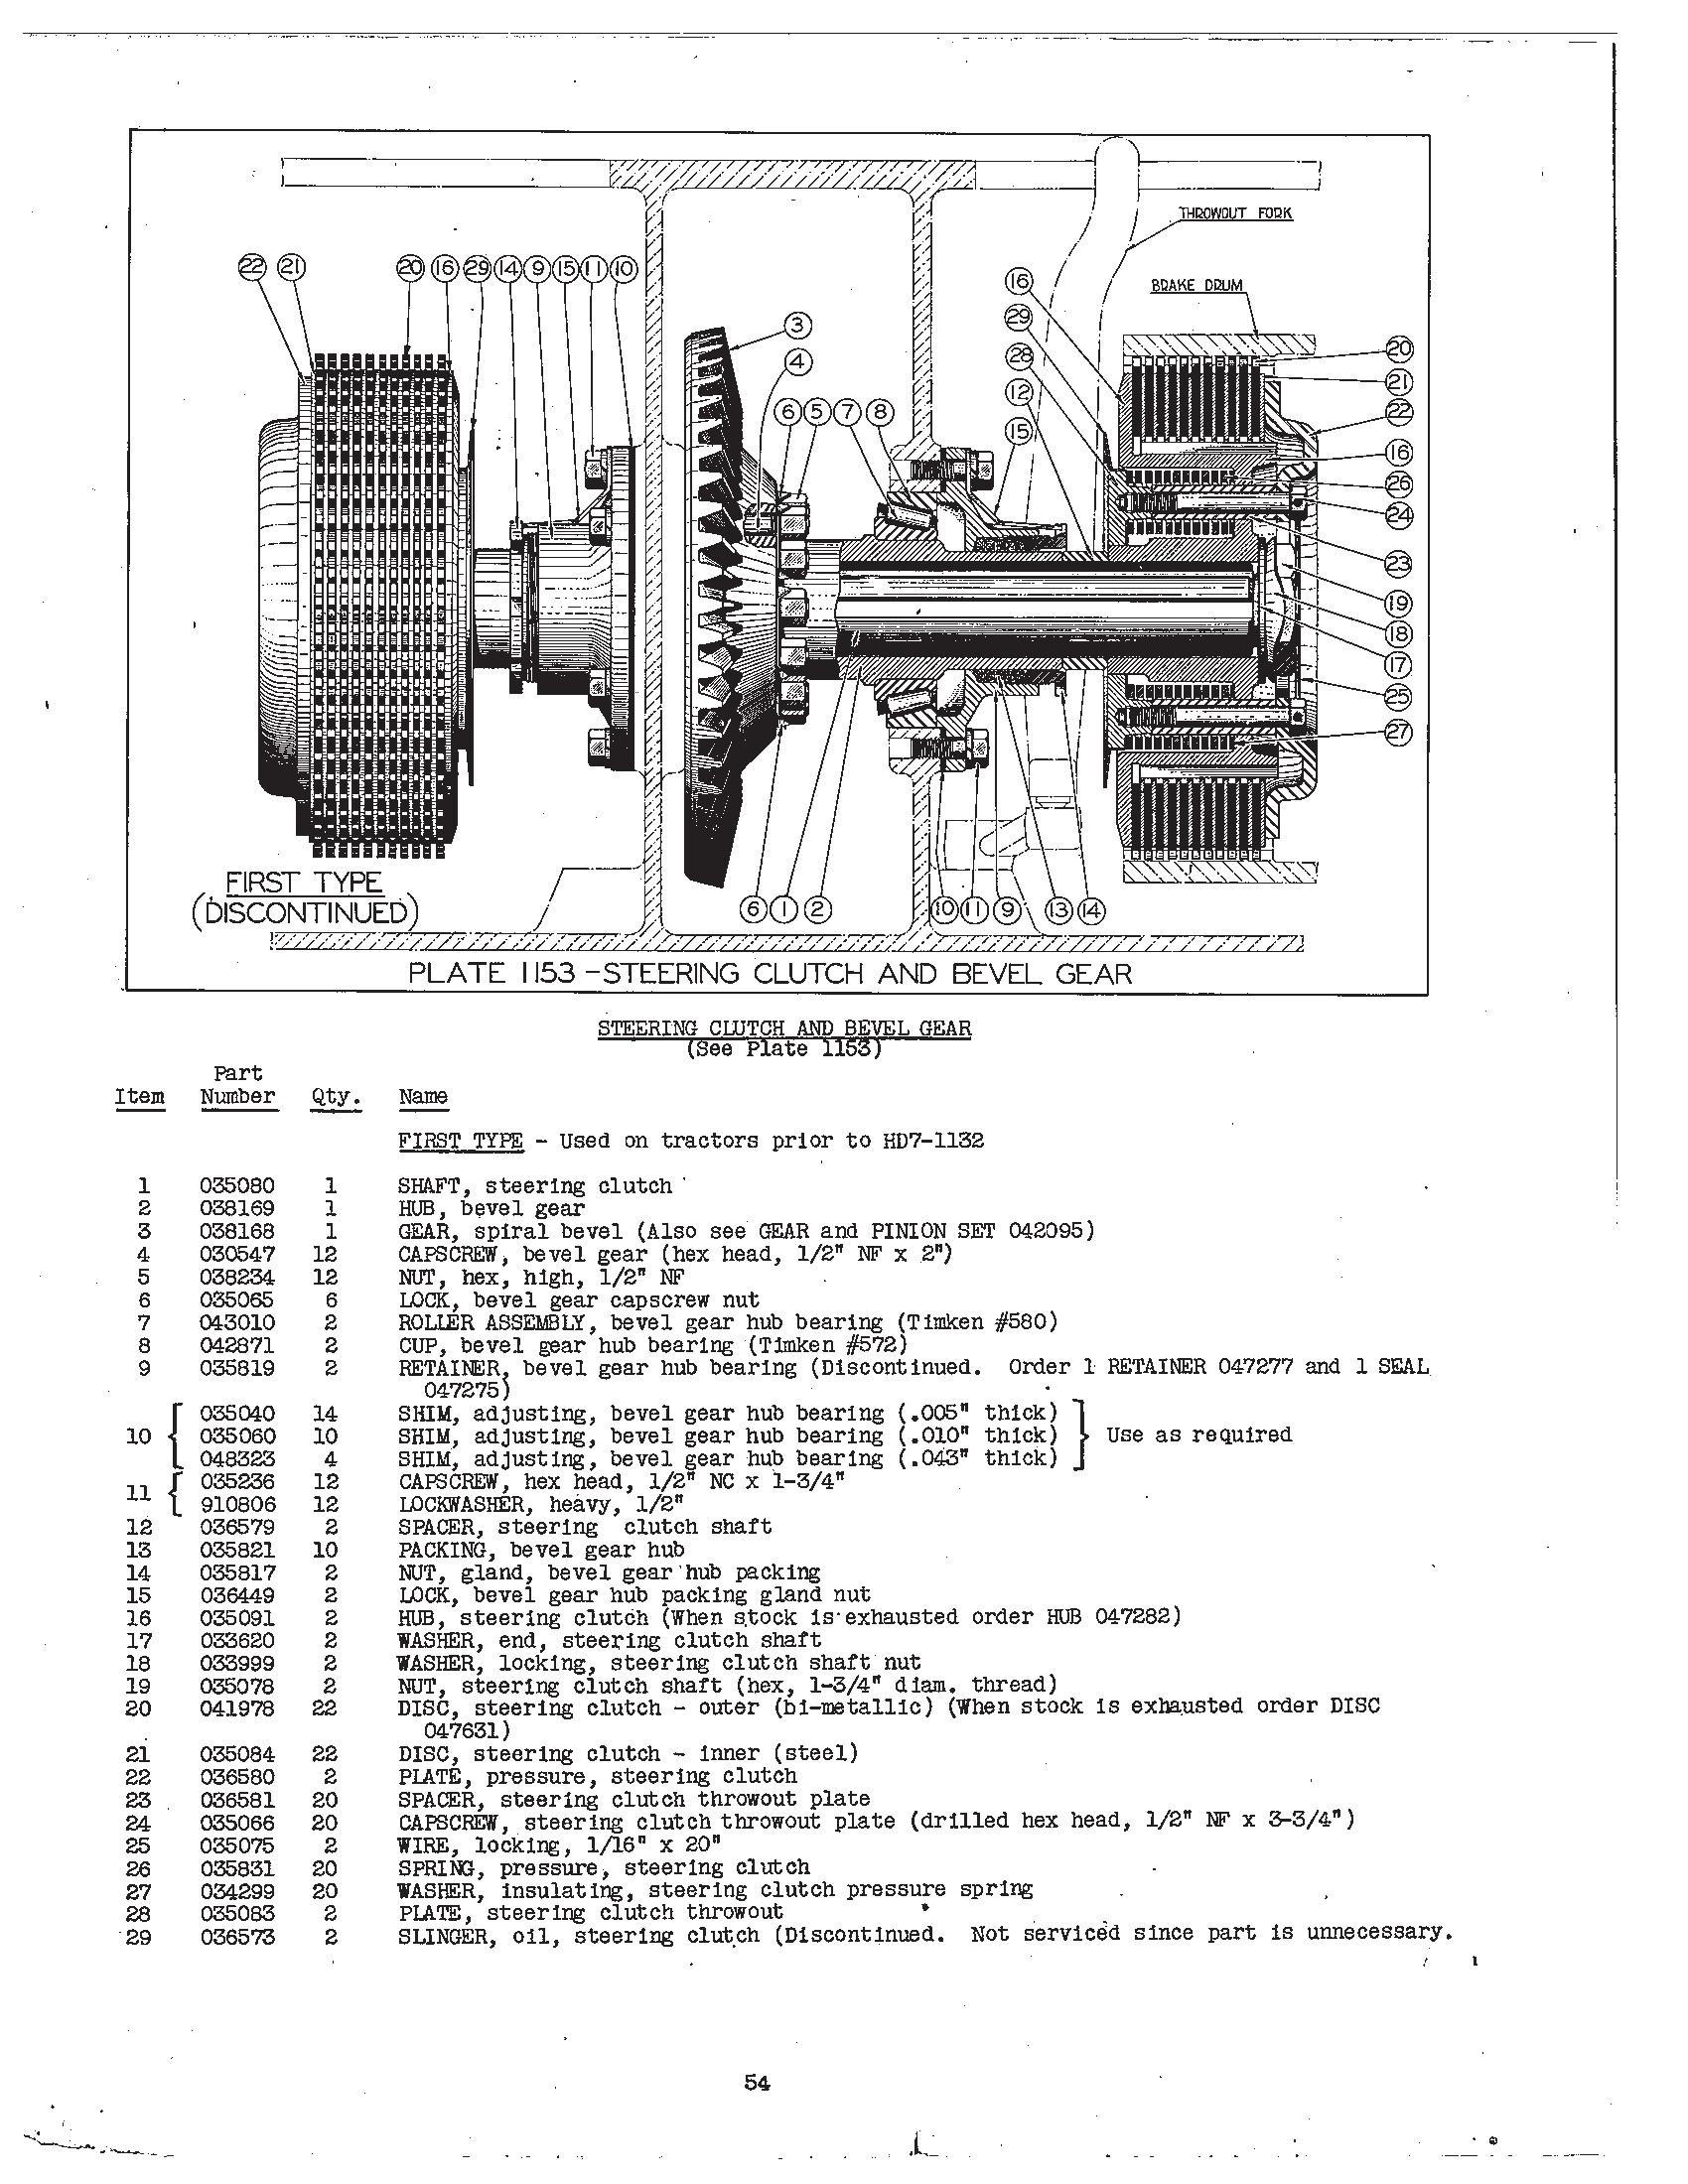 Allis Chalmers Hd6 Dozer Parts Diagram. Allis. Tractor